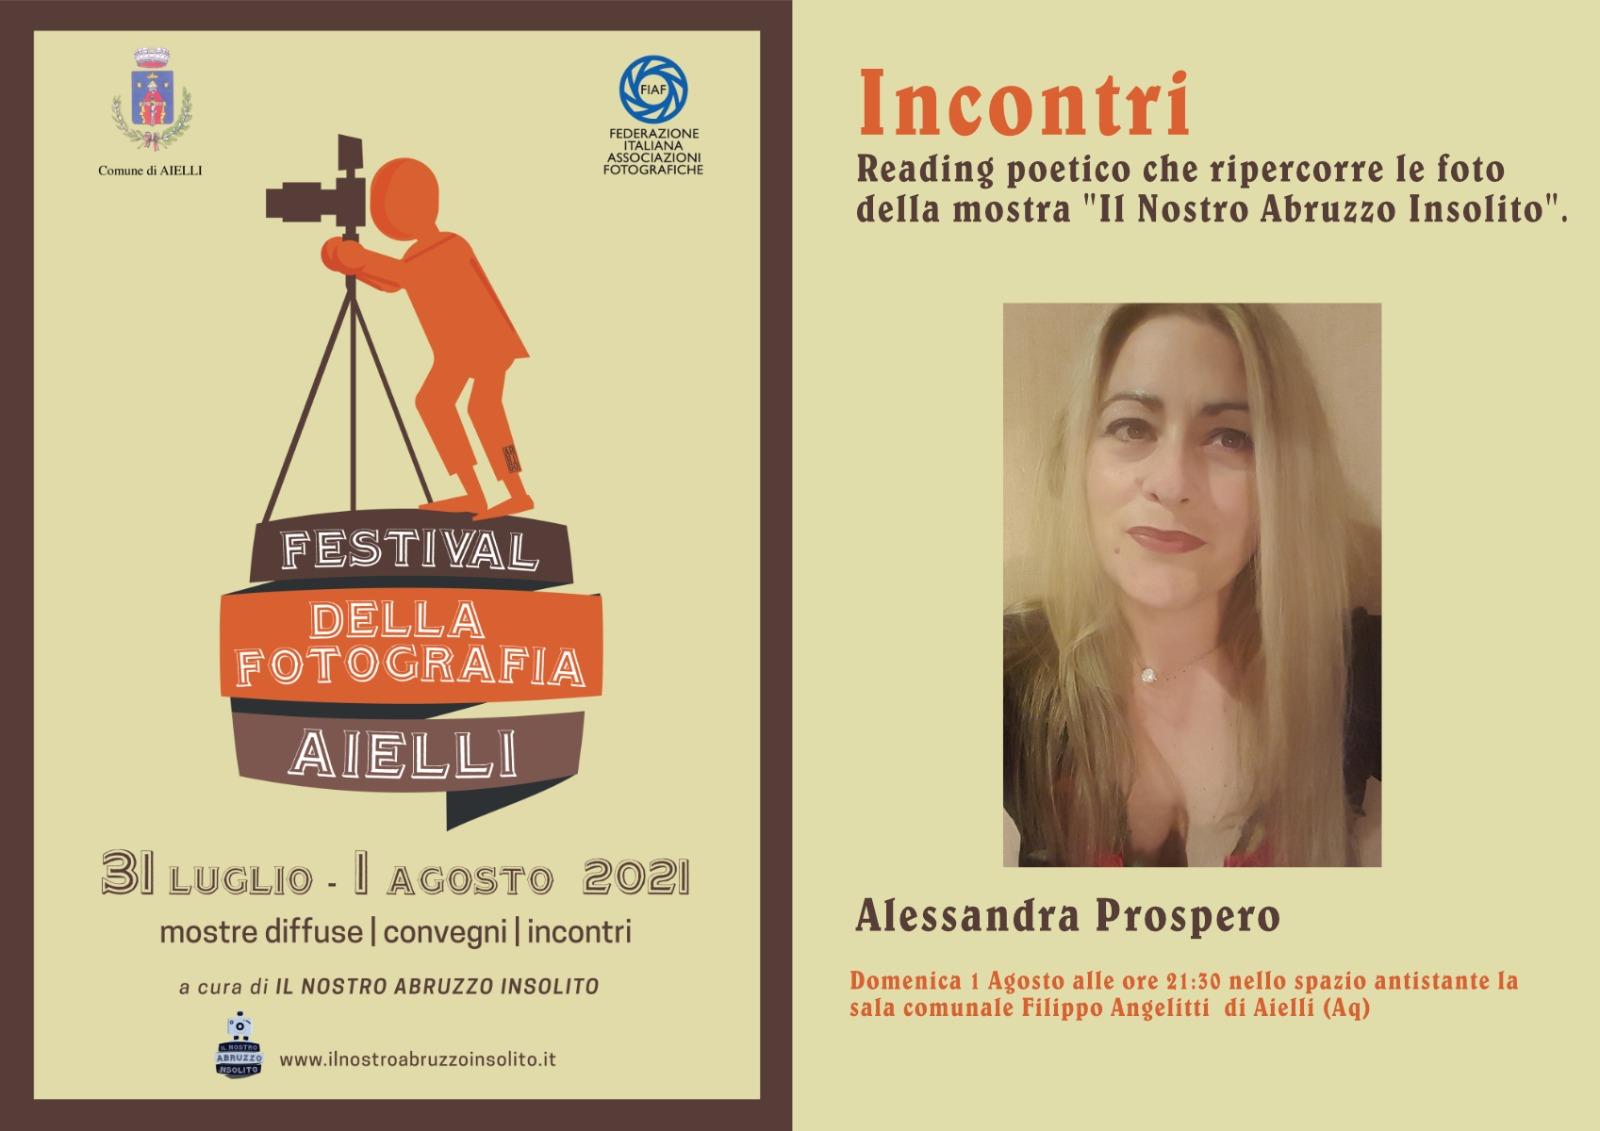 La Poesia di Alessandra Prospero chiude il Festival della Fotografia ad Aielli